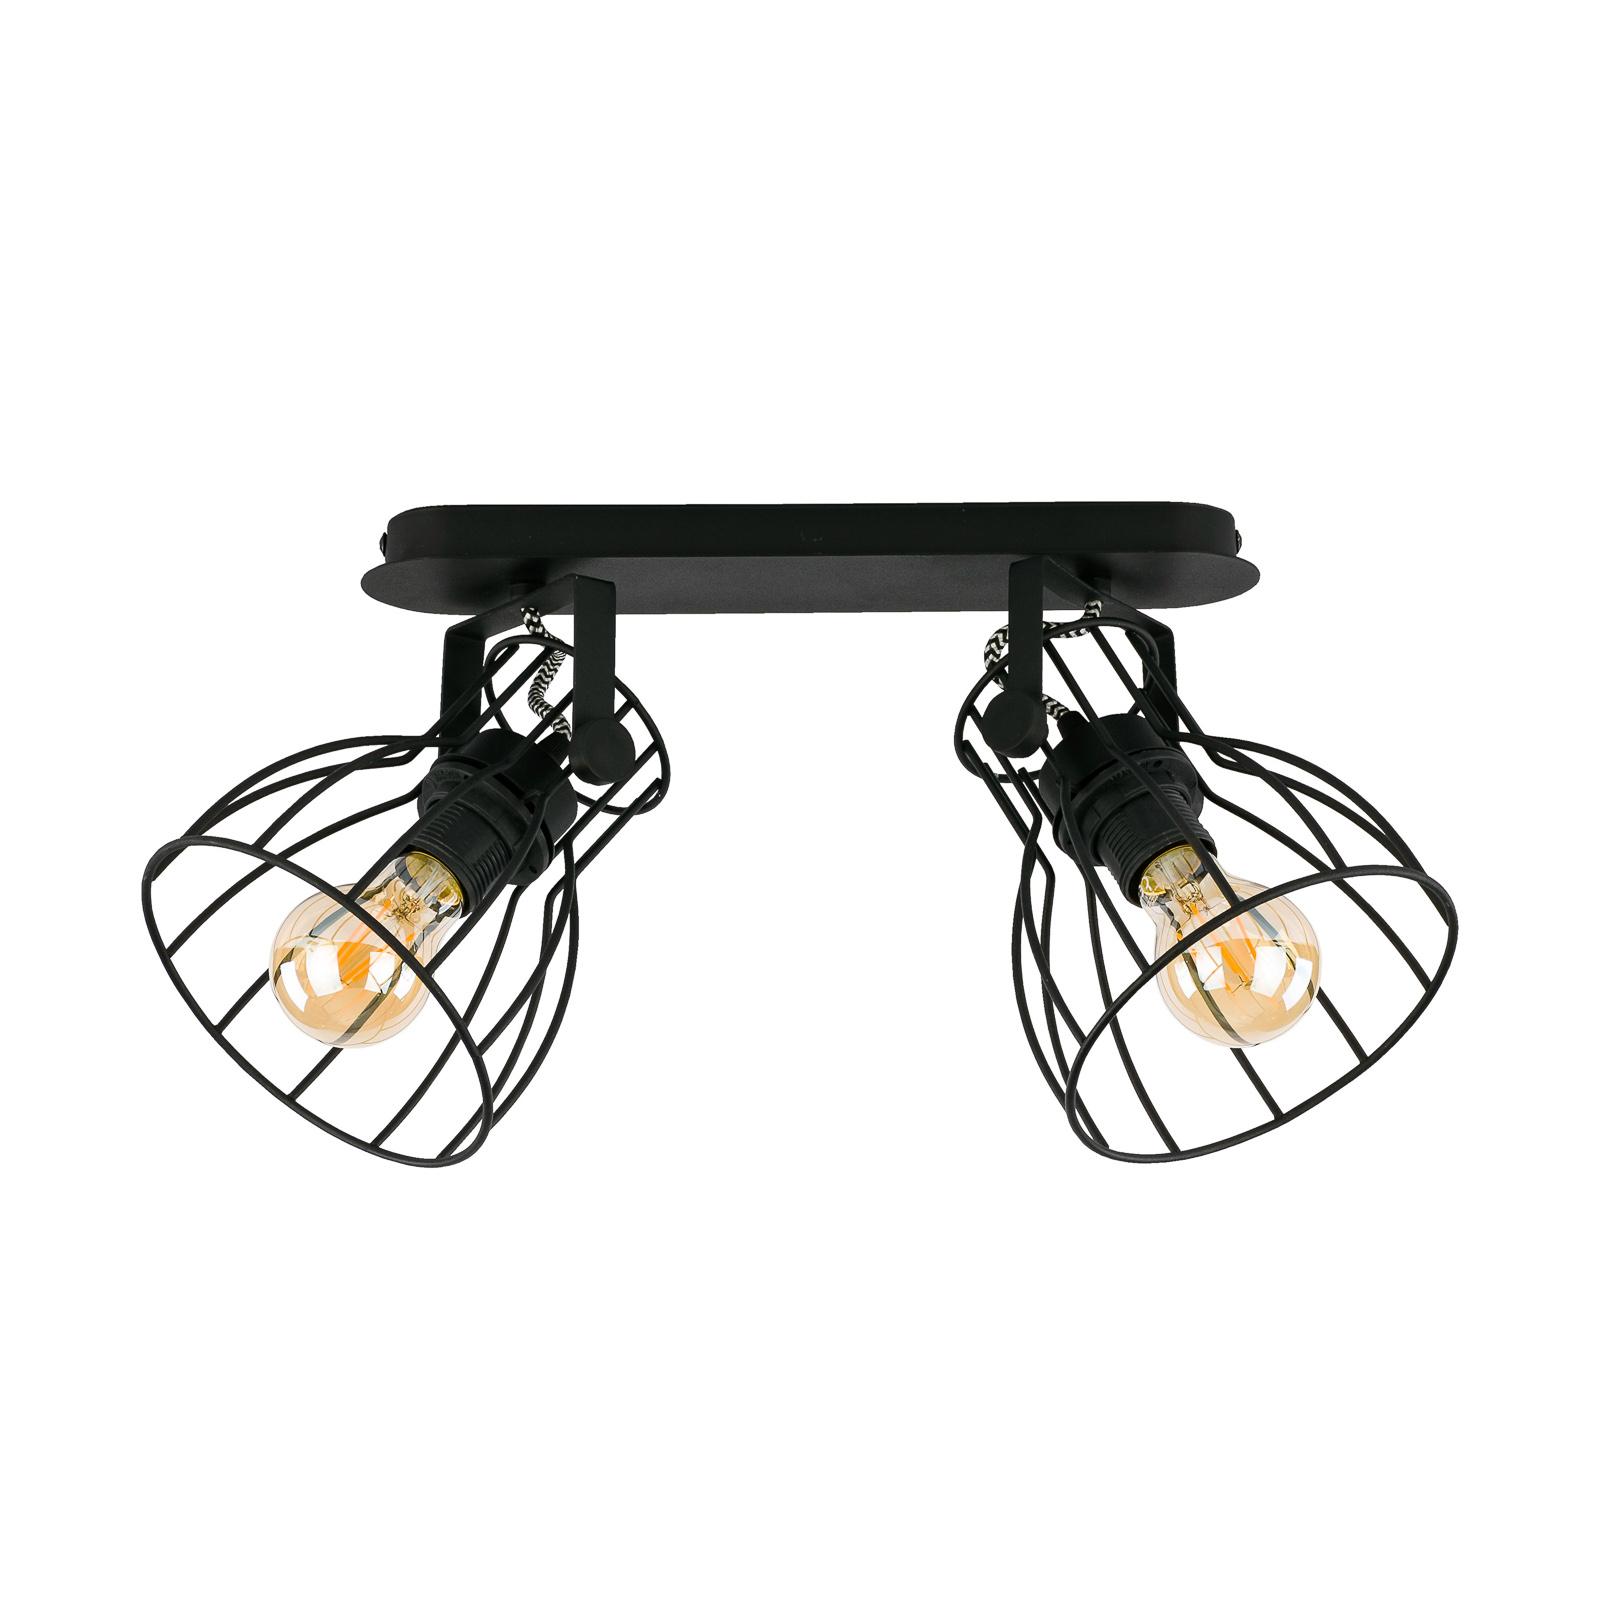 Plafoniera Alano, nero, 2 luci